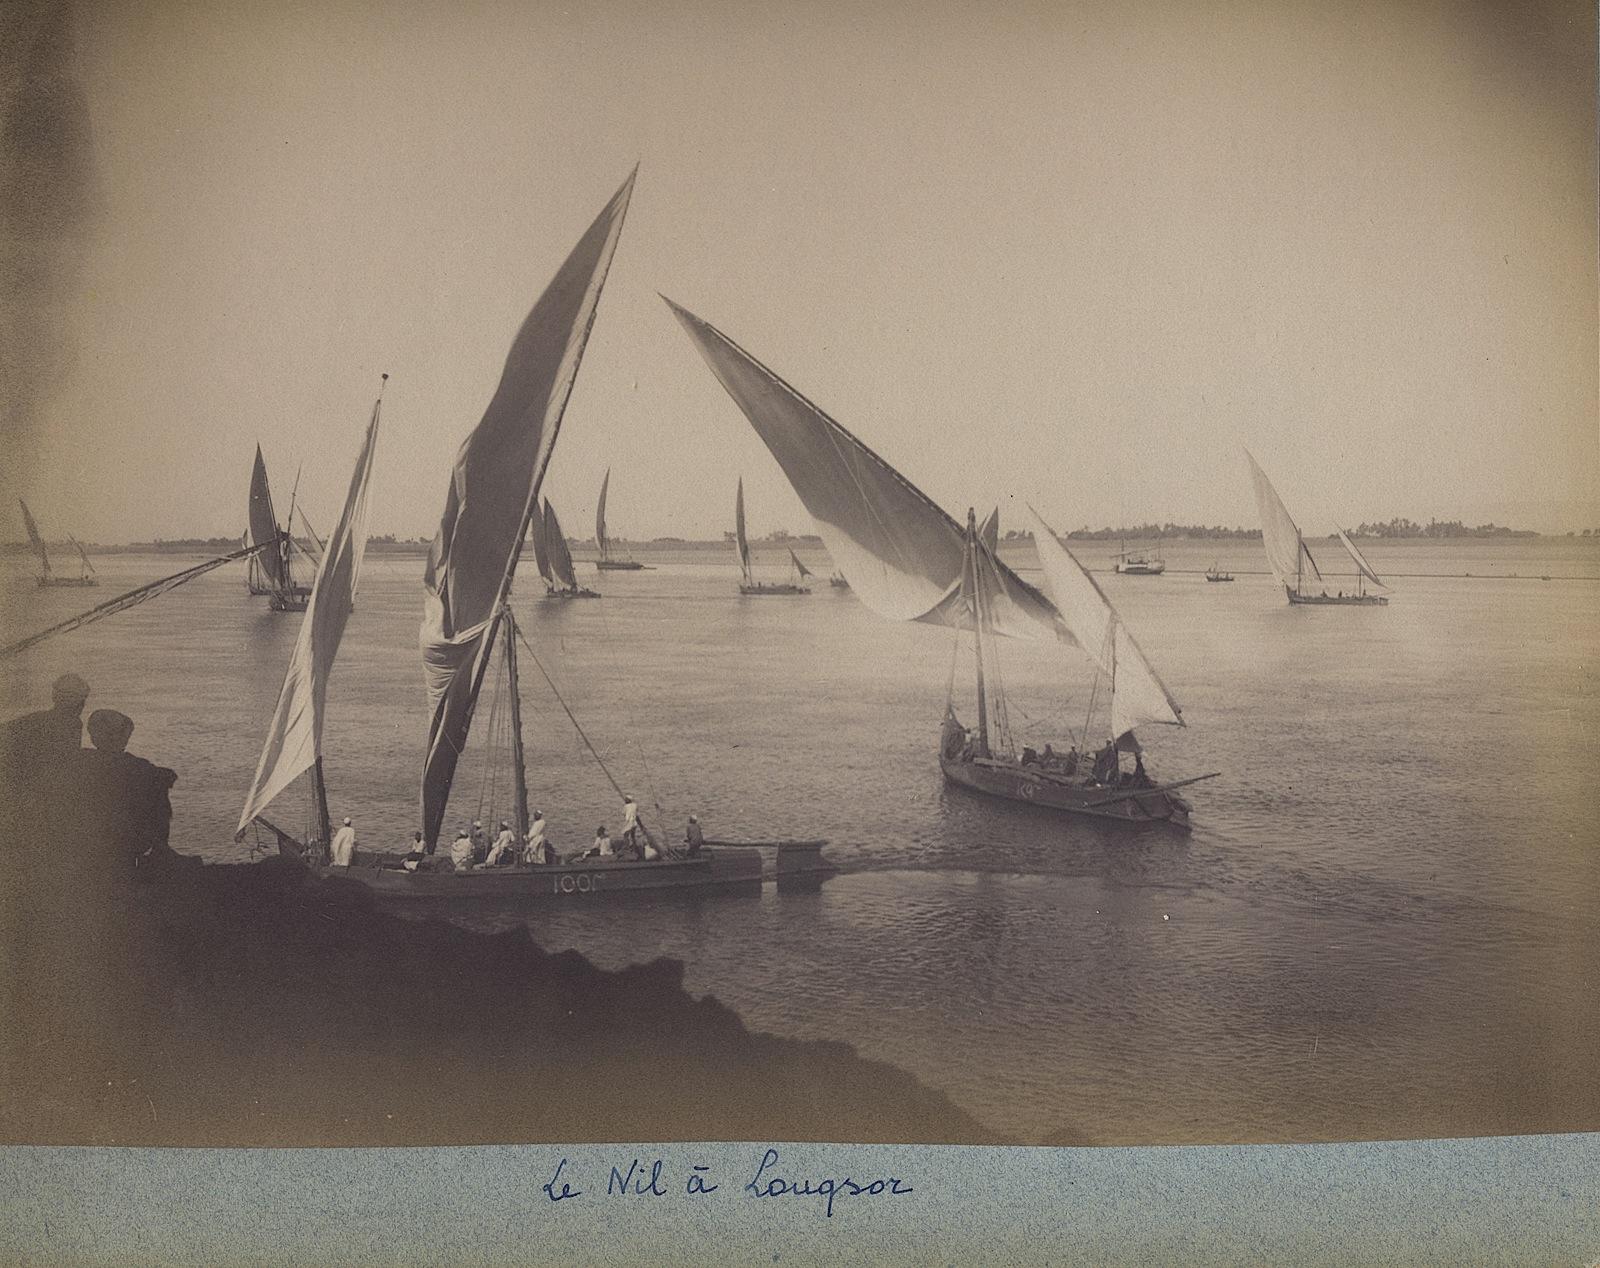 113-Beato-Le Nil a Louqsor